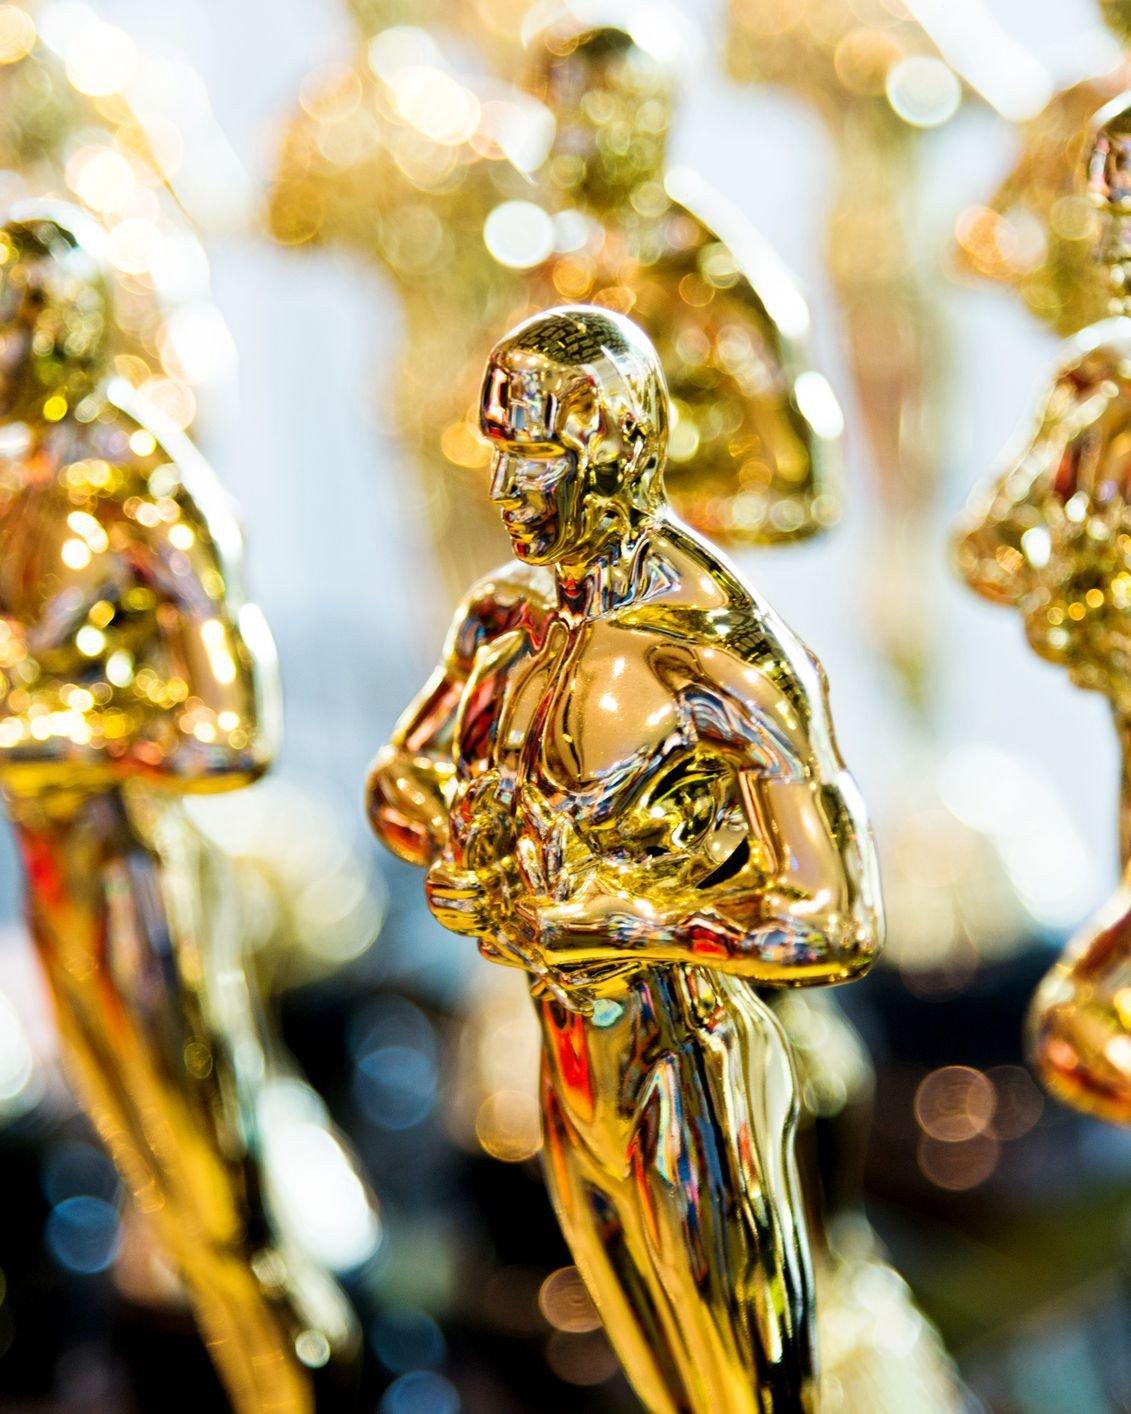 Dám cá bạn sẽ sốc khi biết được mức giá thu được khi bán một bức tượng vàng Oscar 1